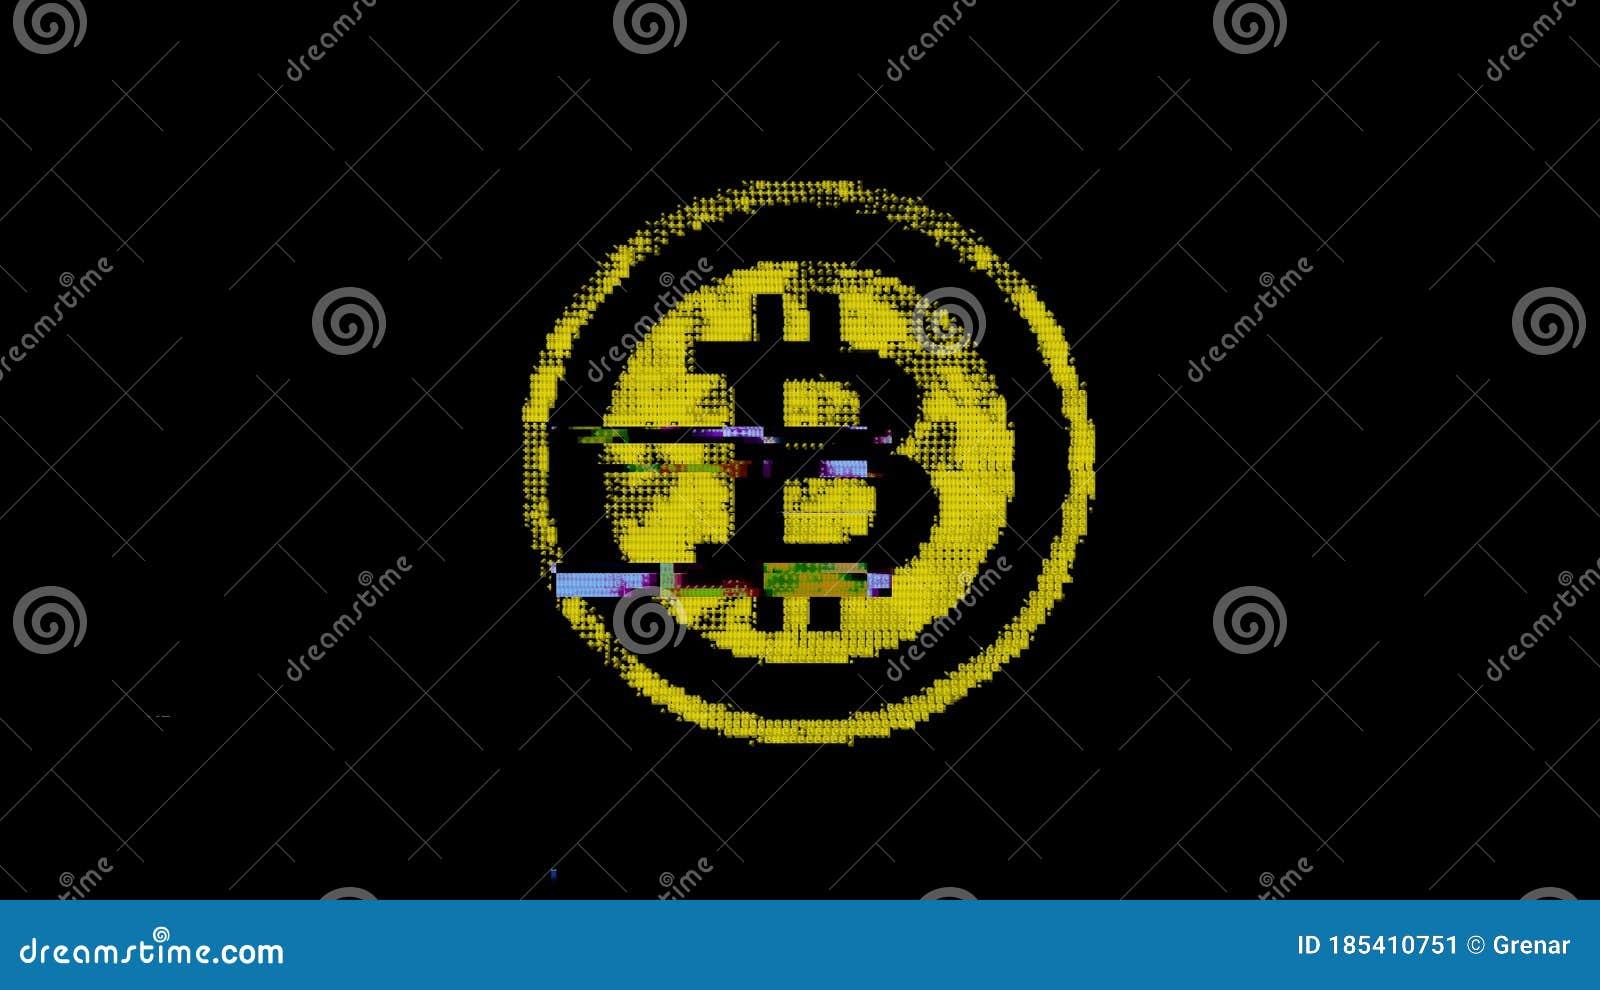 ascii bitcoin